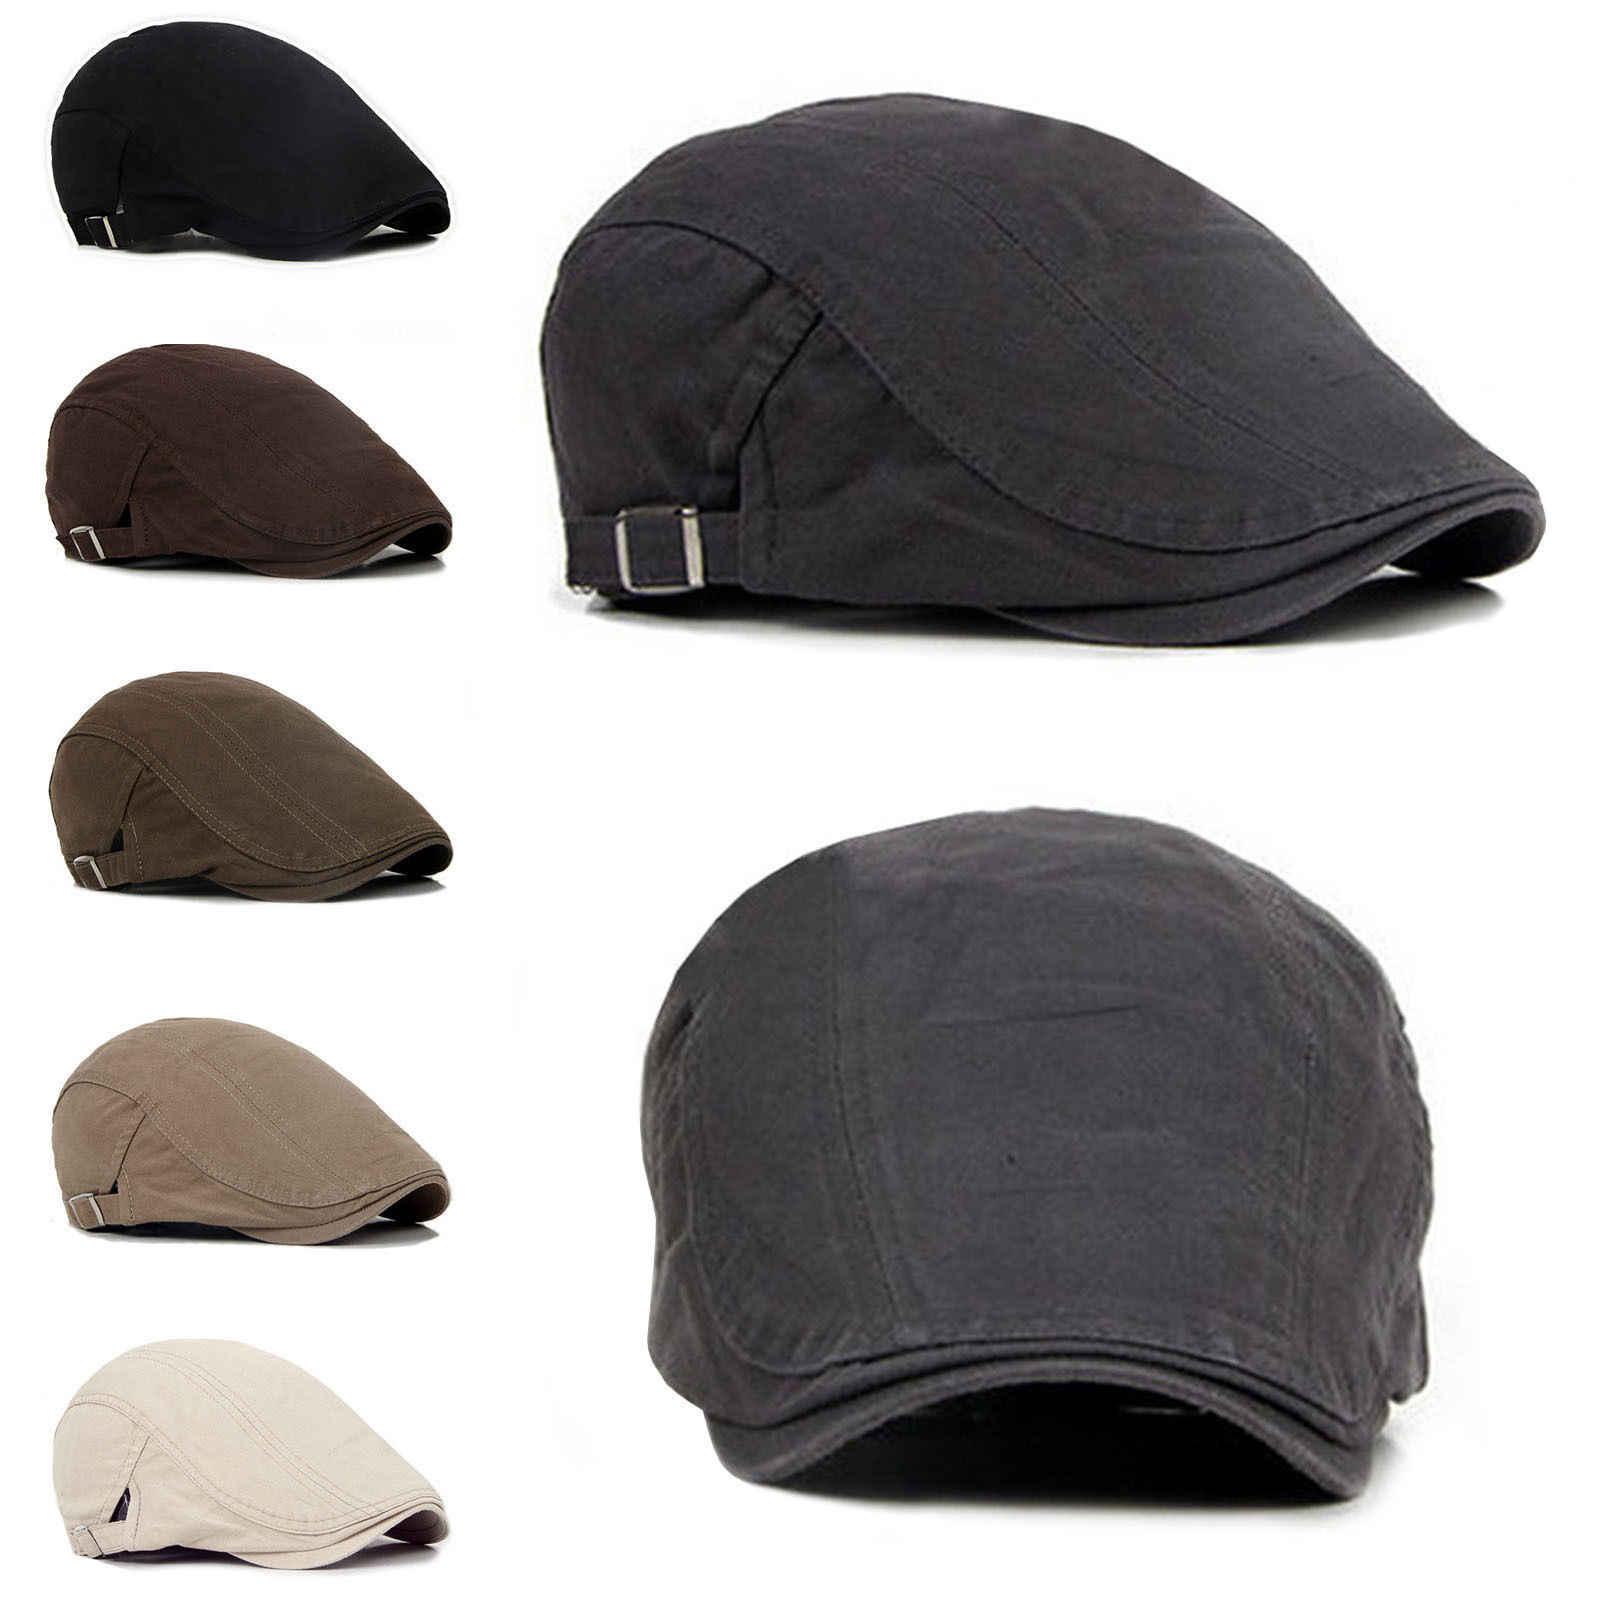 962af722 New Men's Ivy Hat Berets Cap Golf Driving Adjustable Sun Flat Plain Cabbie Newsboy  Cap-